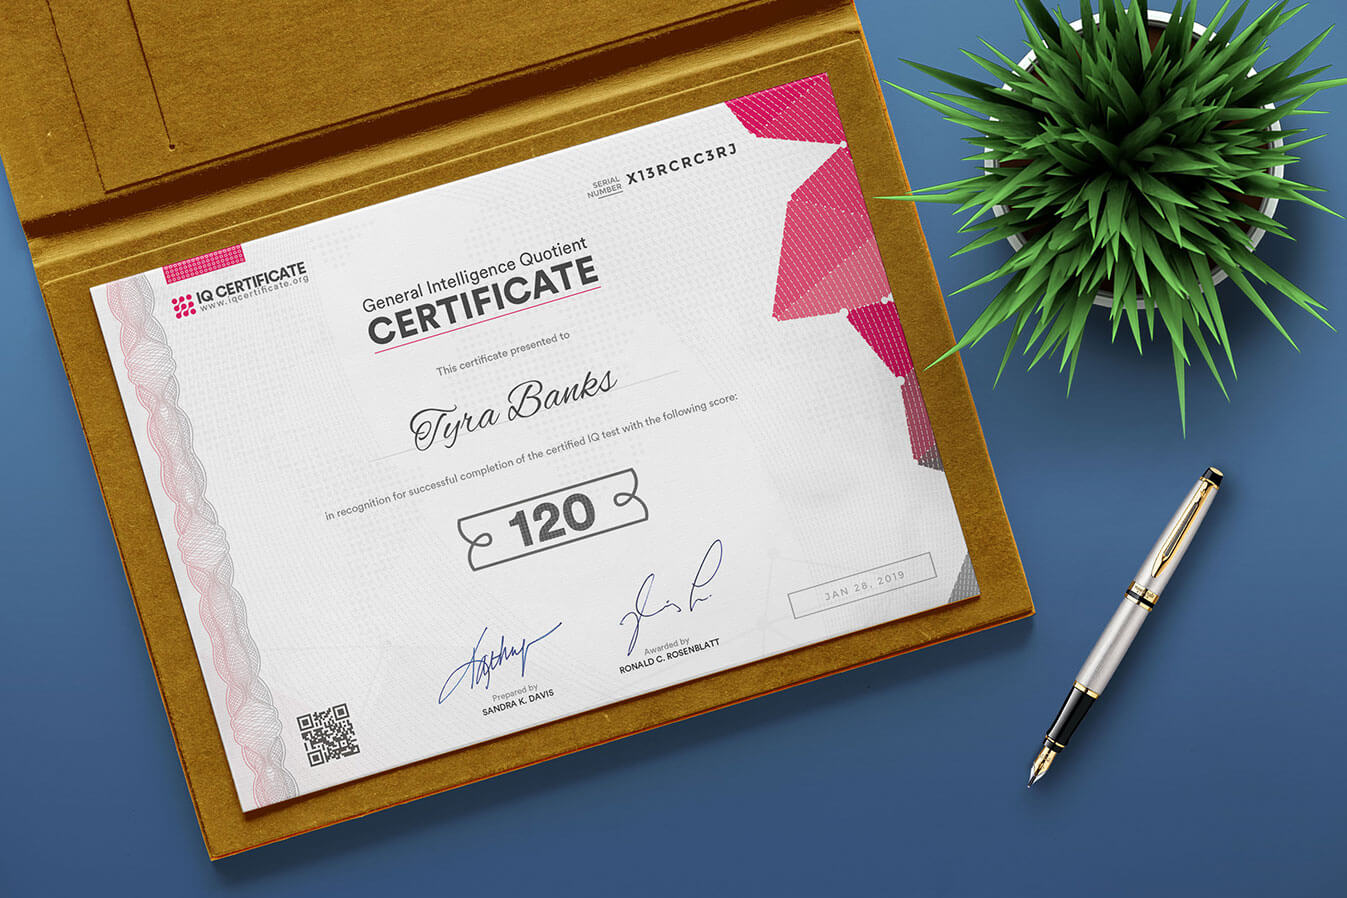 Sample Iq Certificate - Get Your Iq Certificate! Throughout Iq Certificate Template